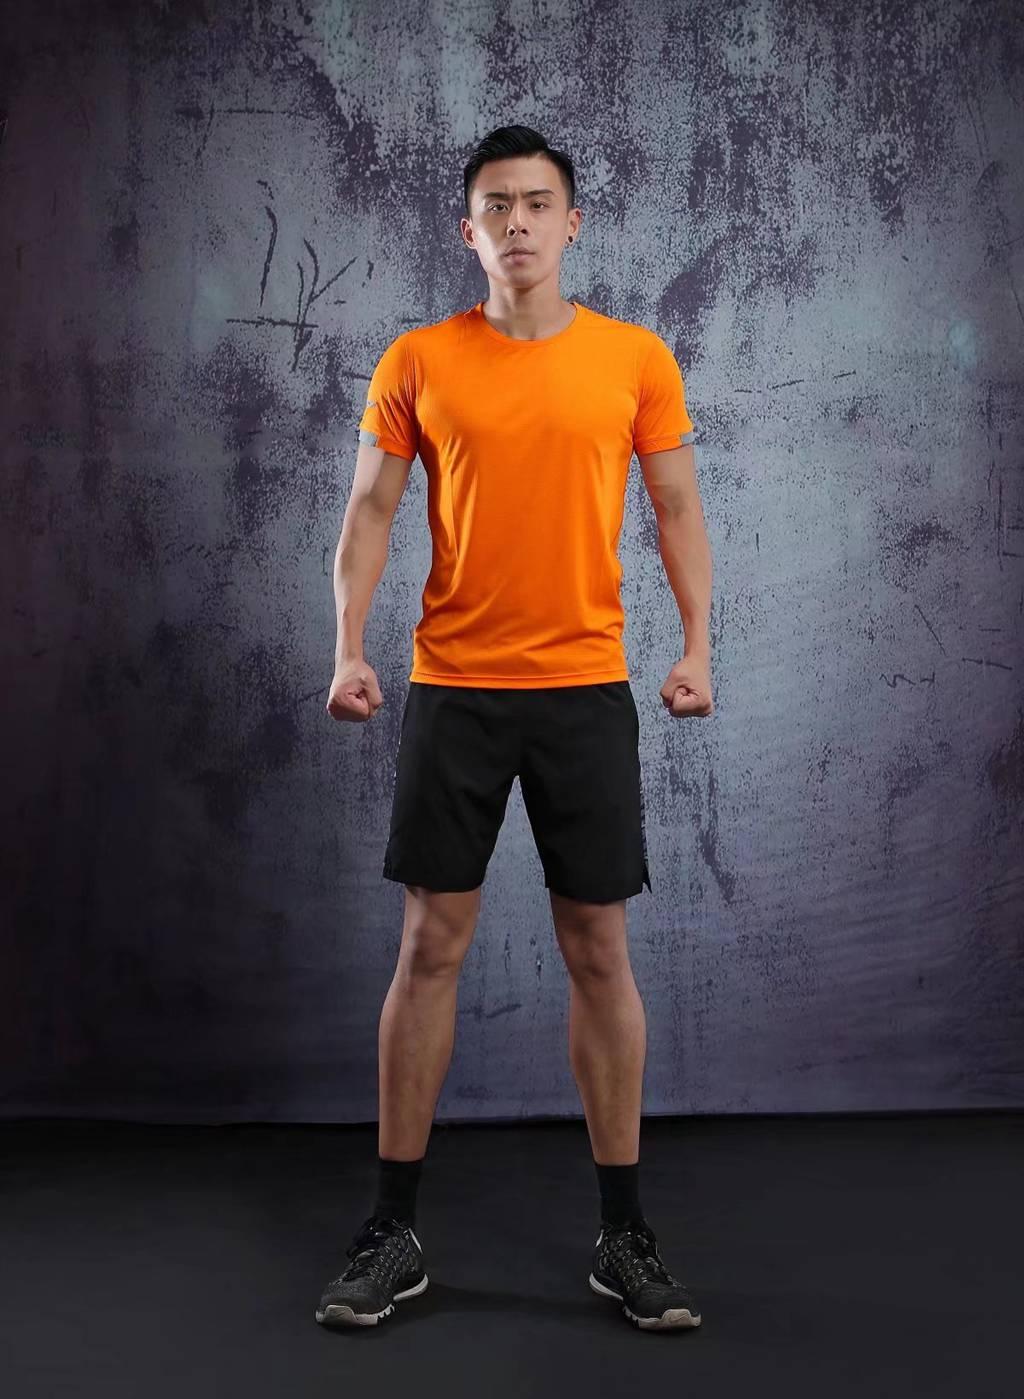 春夏新品 圆领短袖T恤 时尚运动文化衫 荧光橙